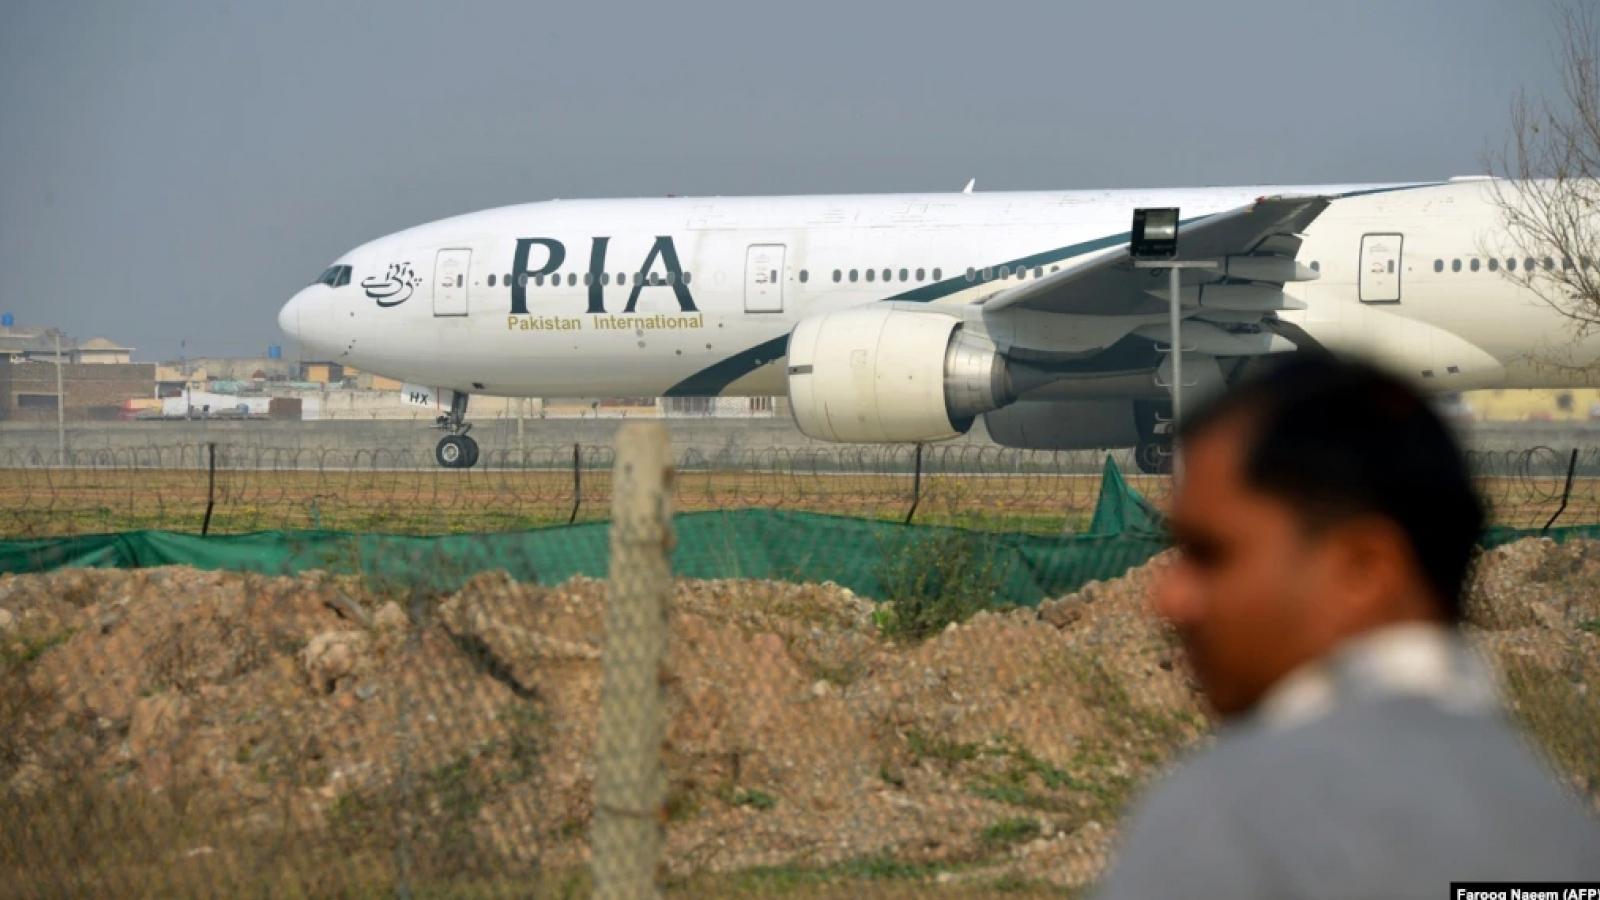 Chuyến bay thương mại nước ngoài đầu tiên hạ cánh xuống Kabul